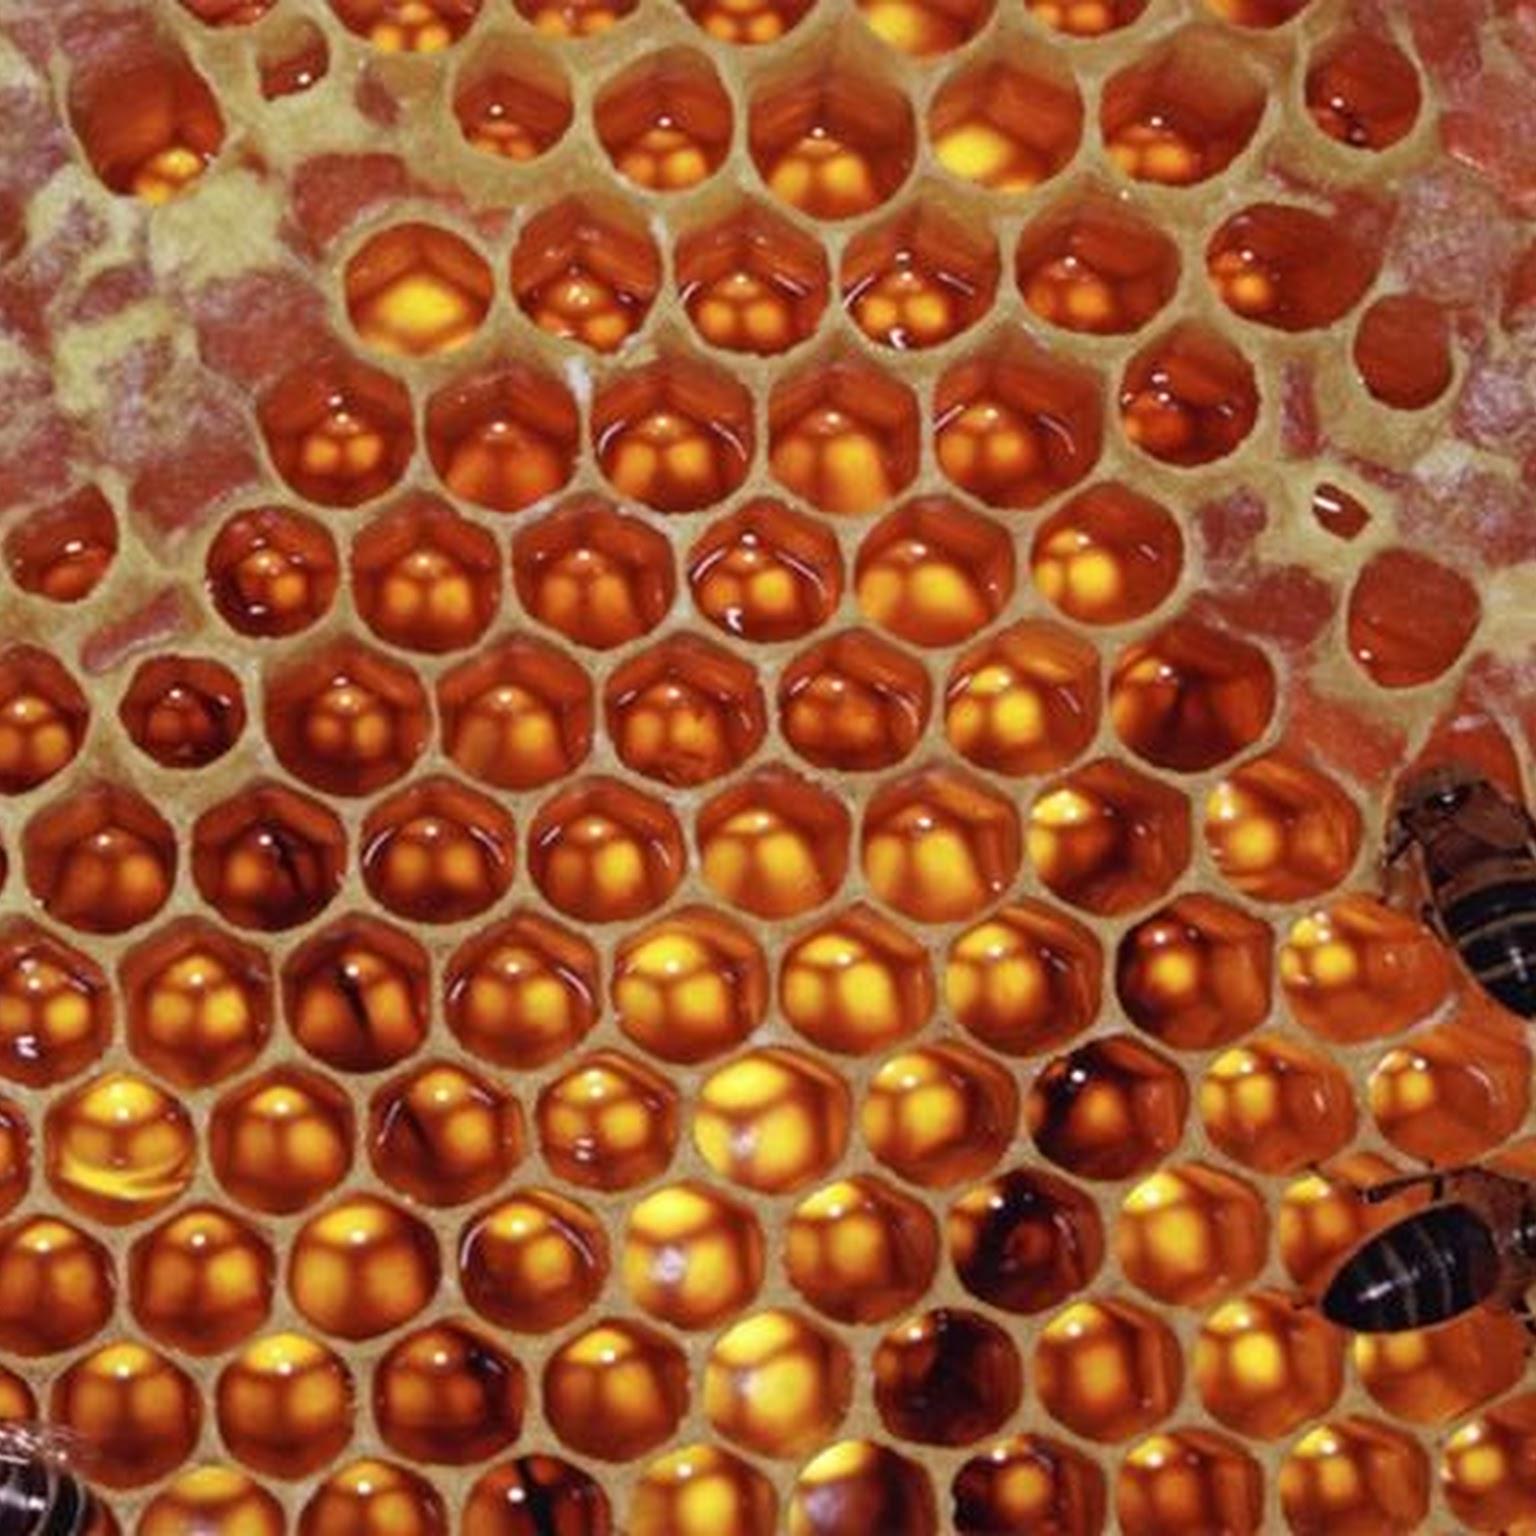 Honeycomb.jpg 3fw 3d593 26h 3d261 26crop 3d1